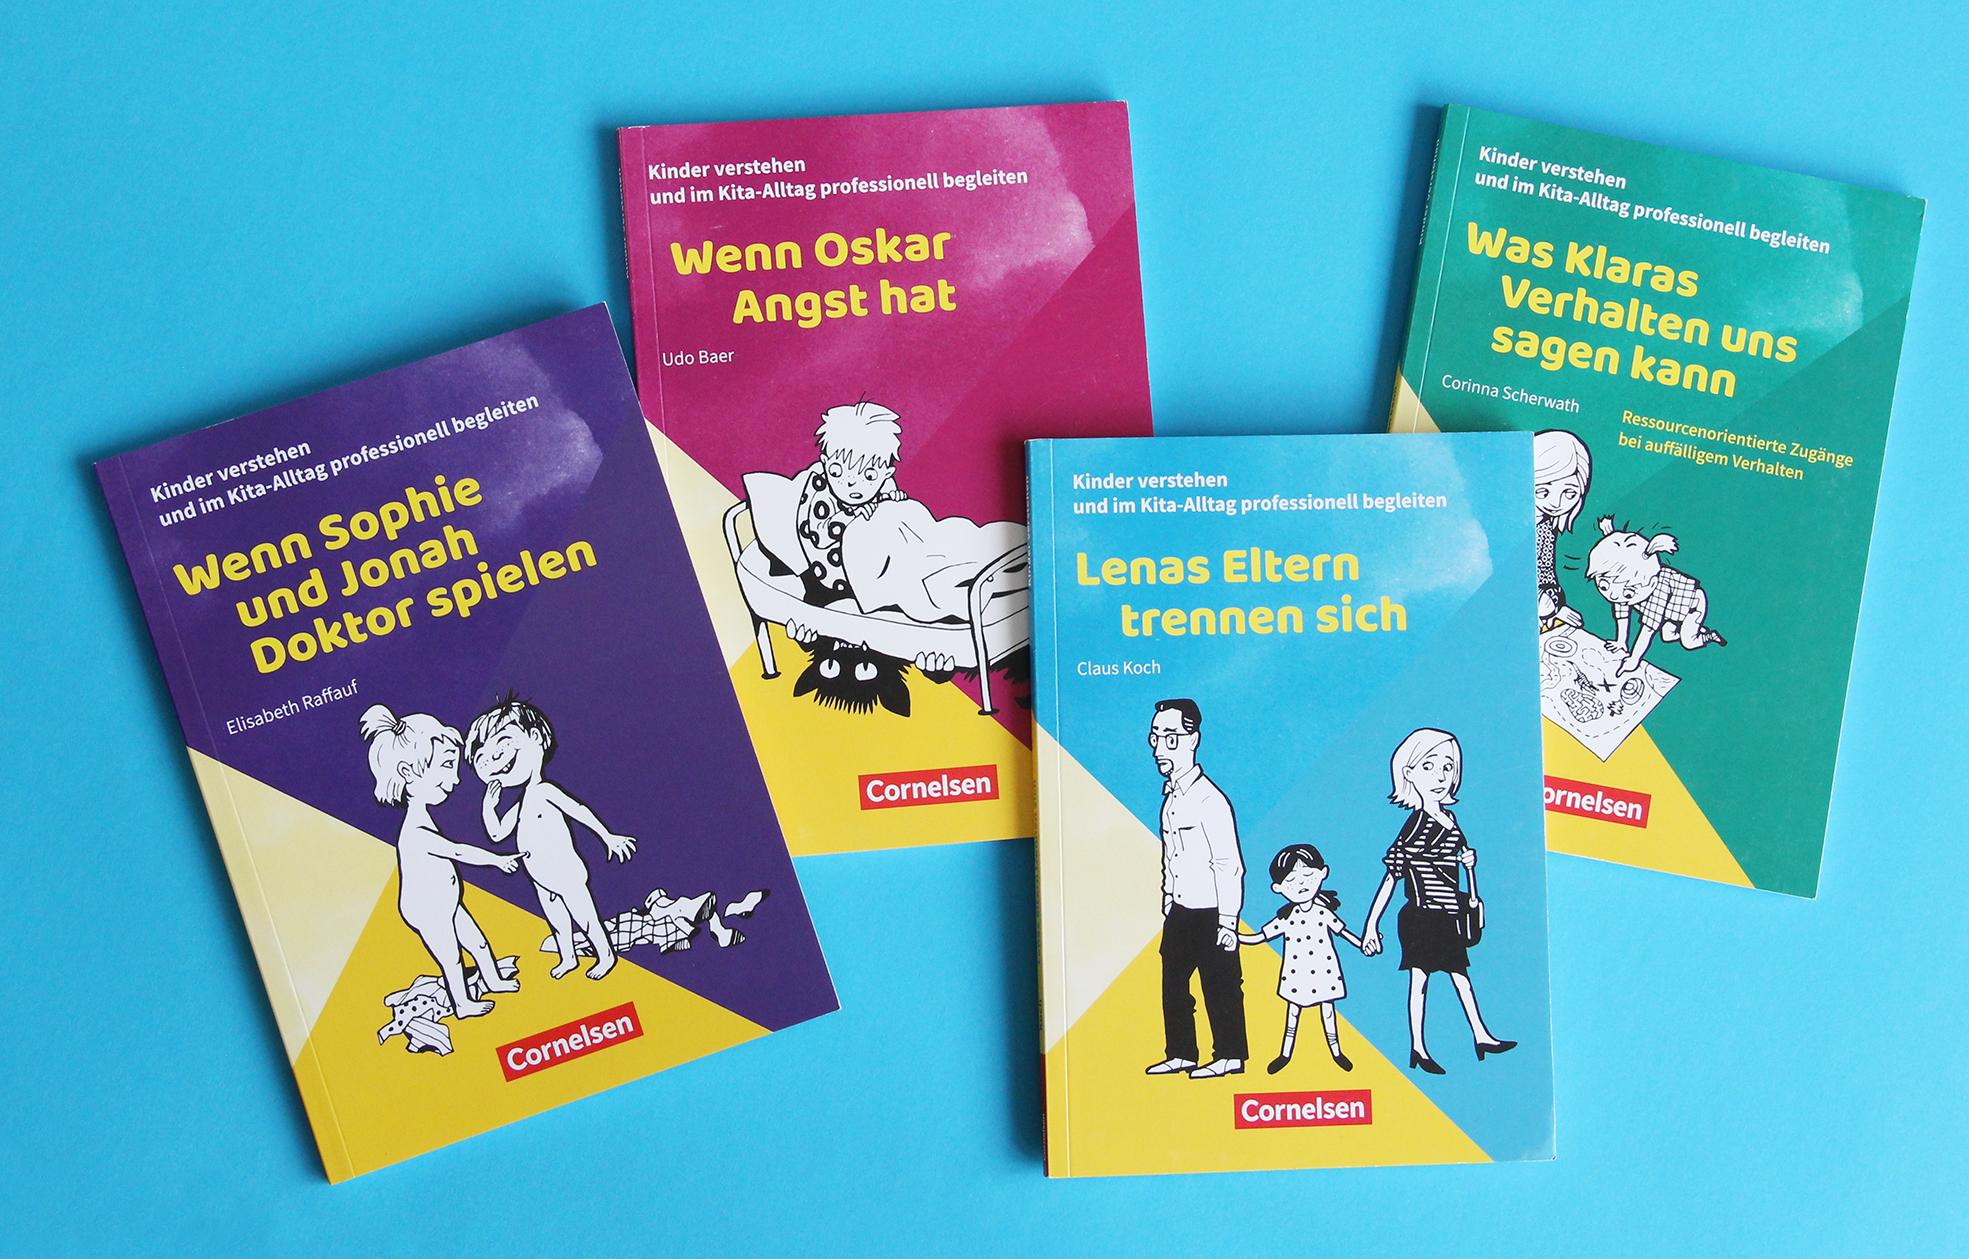 Kinder verstehen_Cover